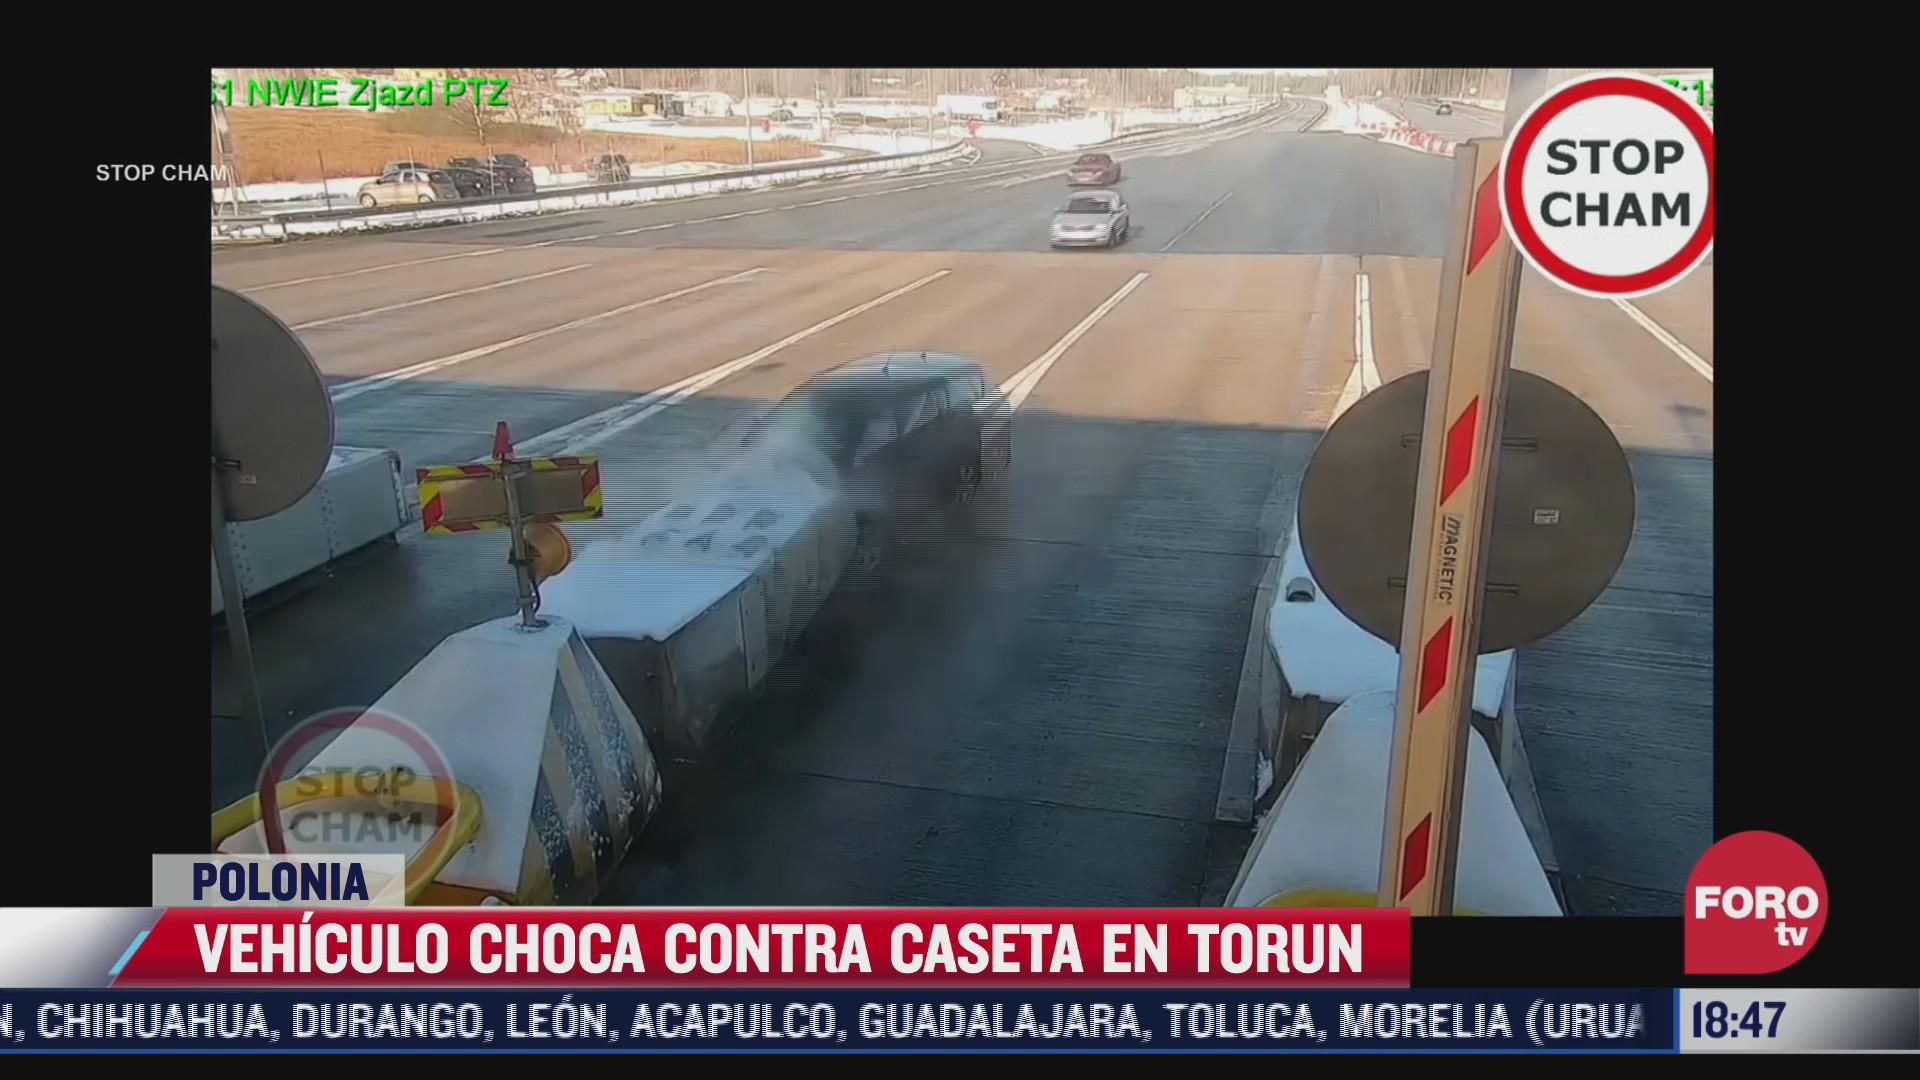 vehiculo choca contra caseta de cobro en polonia